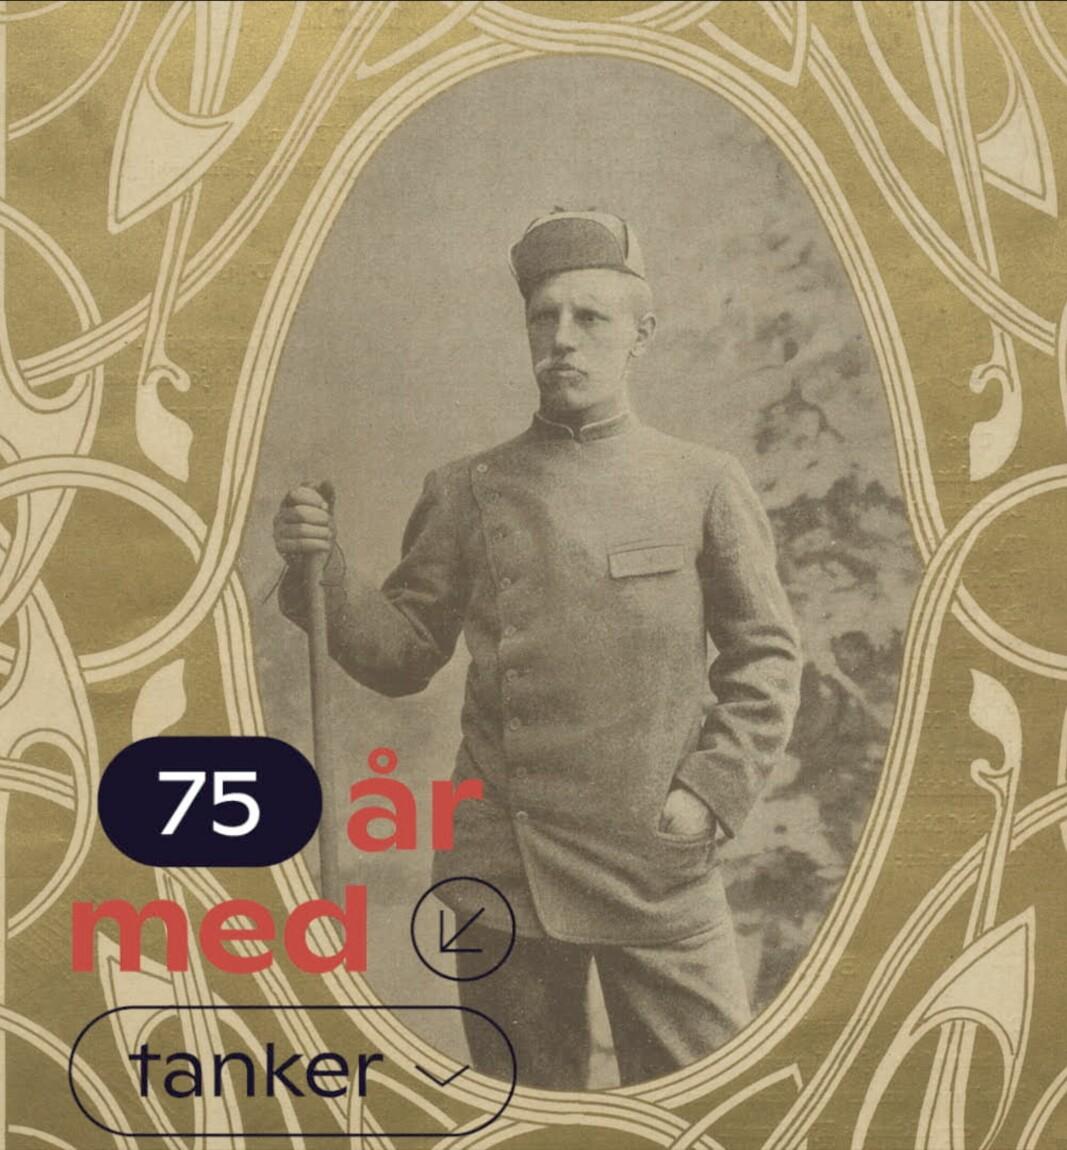 Utstillingen Nansen og bergenserne åpner i Bibliotek for Humaniora fredag 8. oktober. Denne tar for seg det brokete forholdet forskeren og folkehelten Nansen hadde til Bergen og bergenserne.